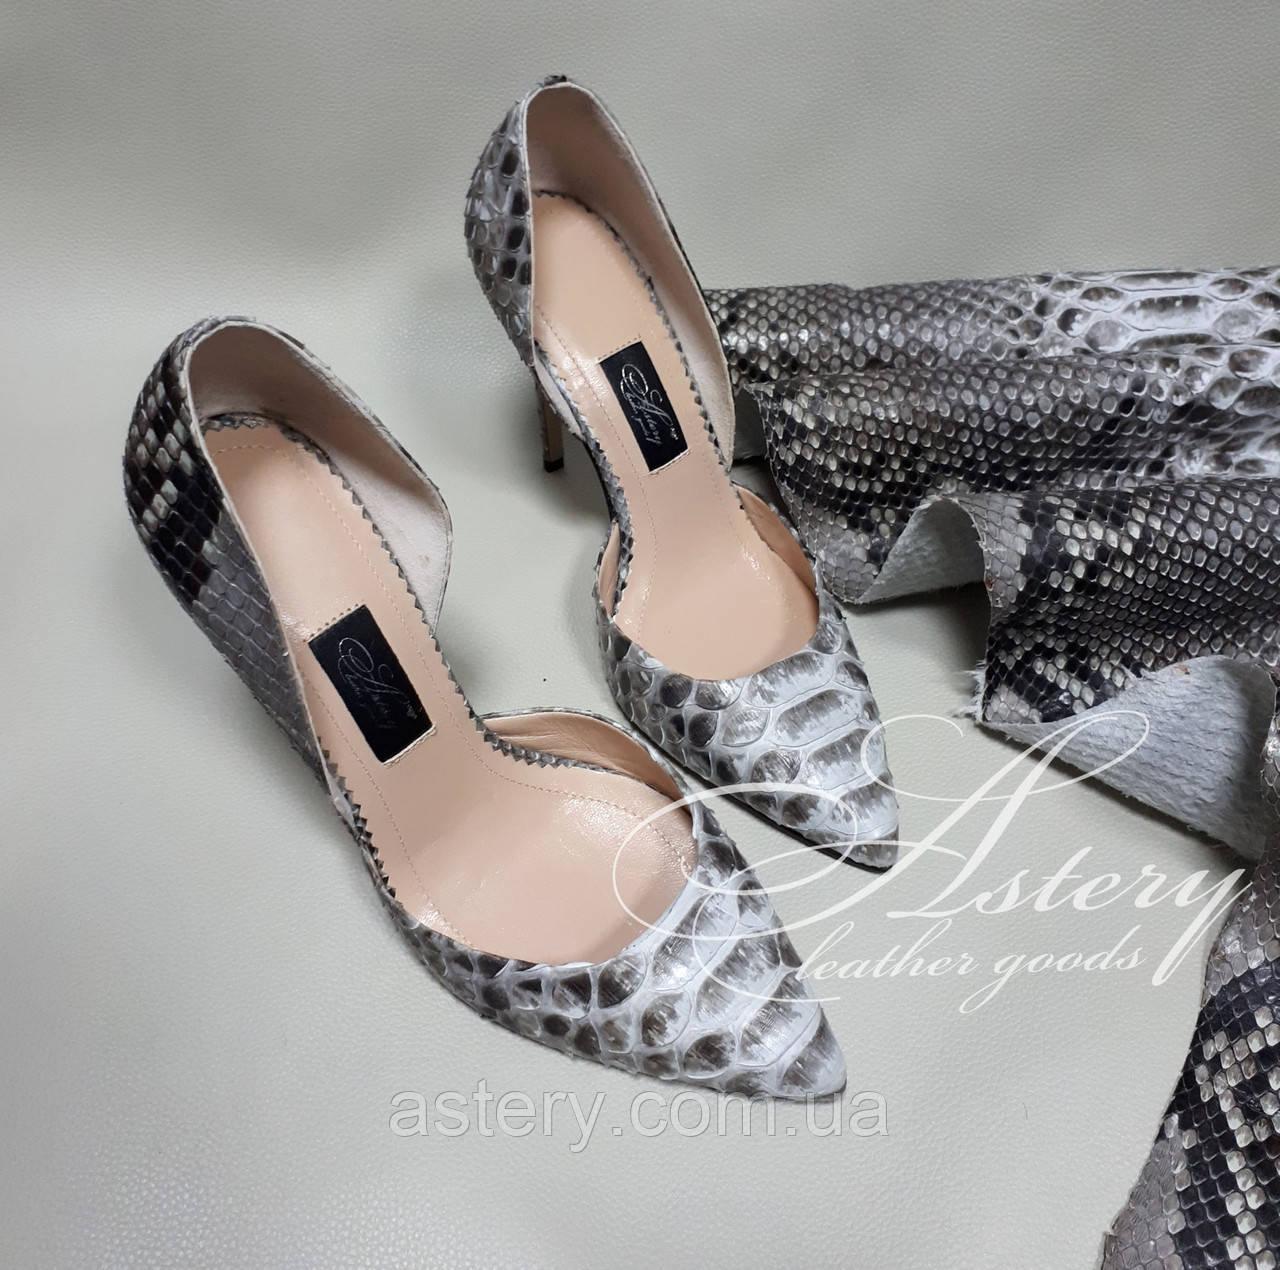 Женские туфли на каблуке из питона натуральной расцветки